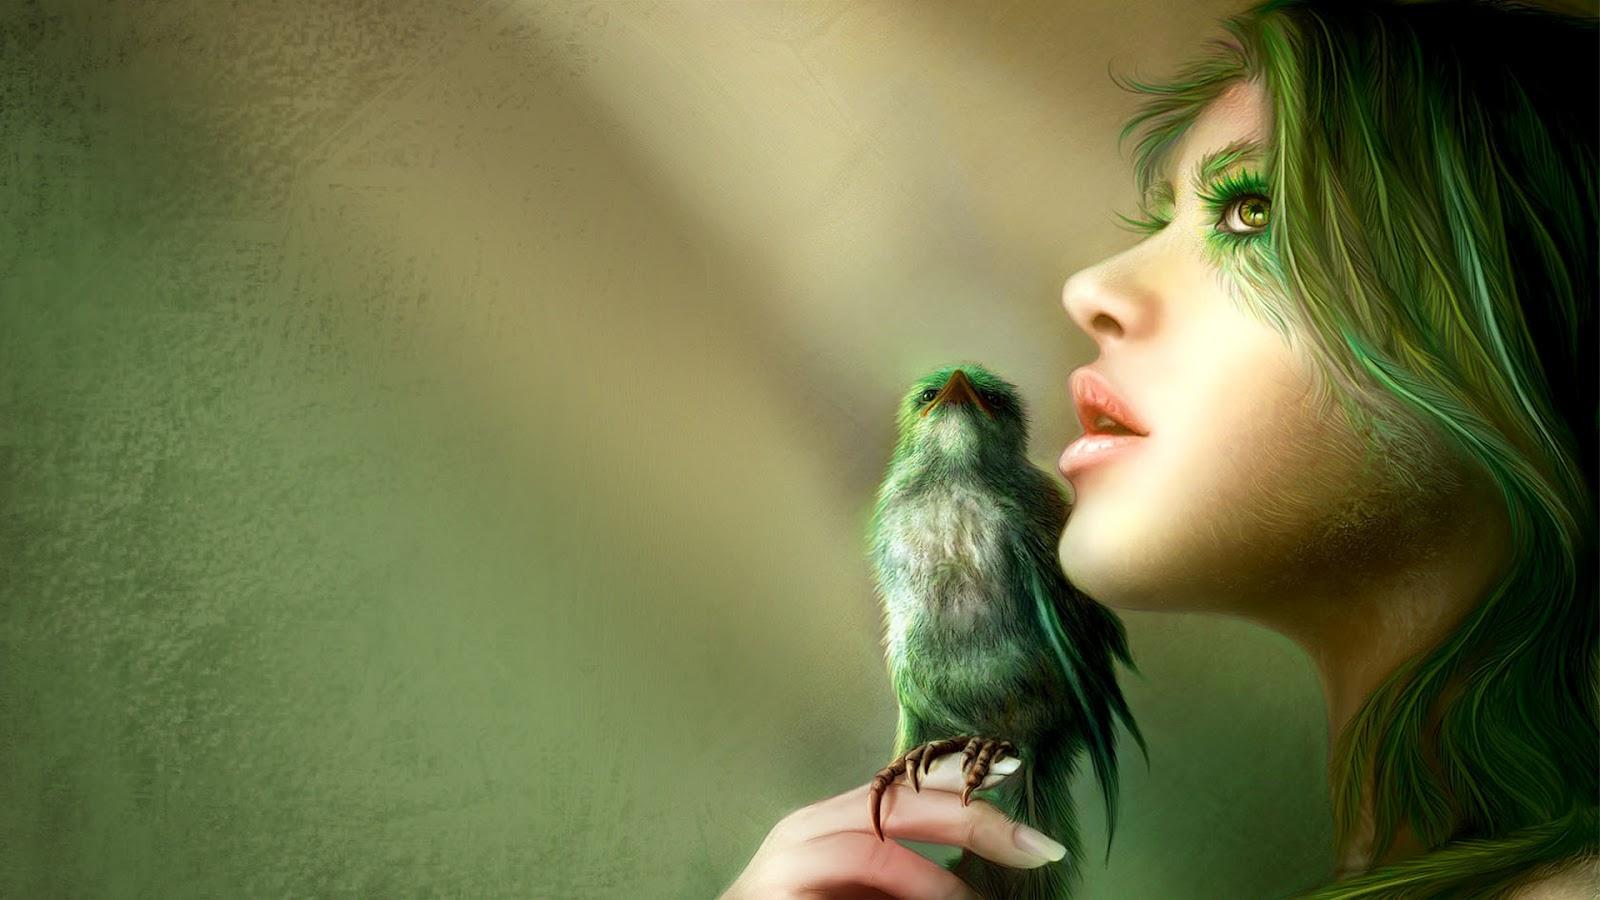 http://3.bp.blogspot.com/-JMea21haUGo/T4K15c4TYyI/AAAAAAAAAWU/s4QdPXdM18A/s1600/Green-Bird-Girl-HD.jpg